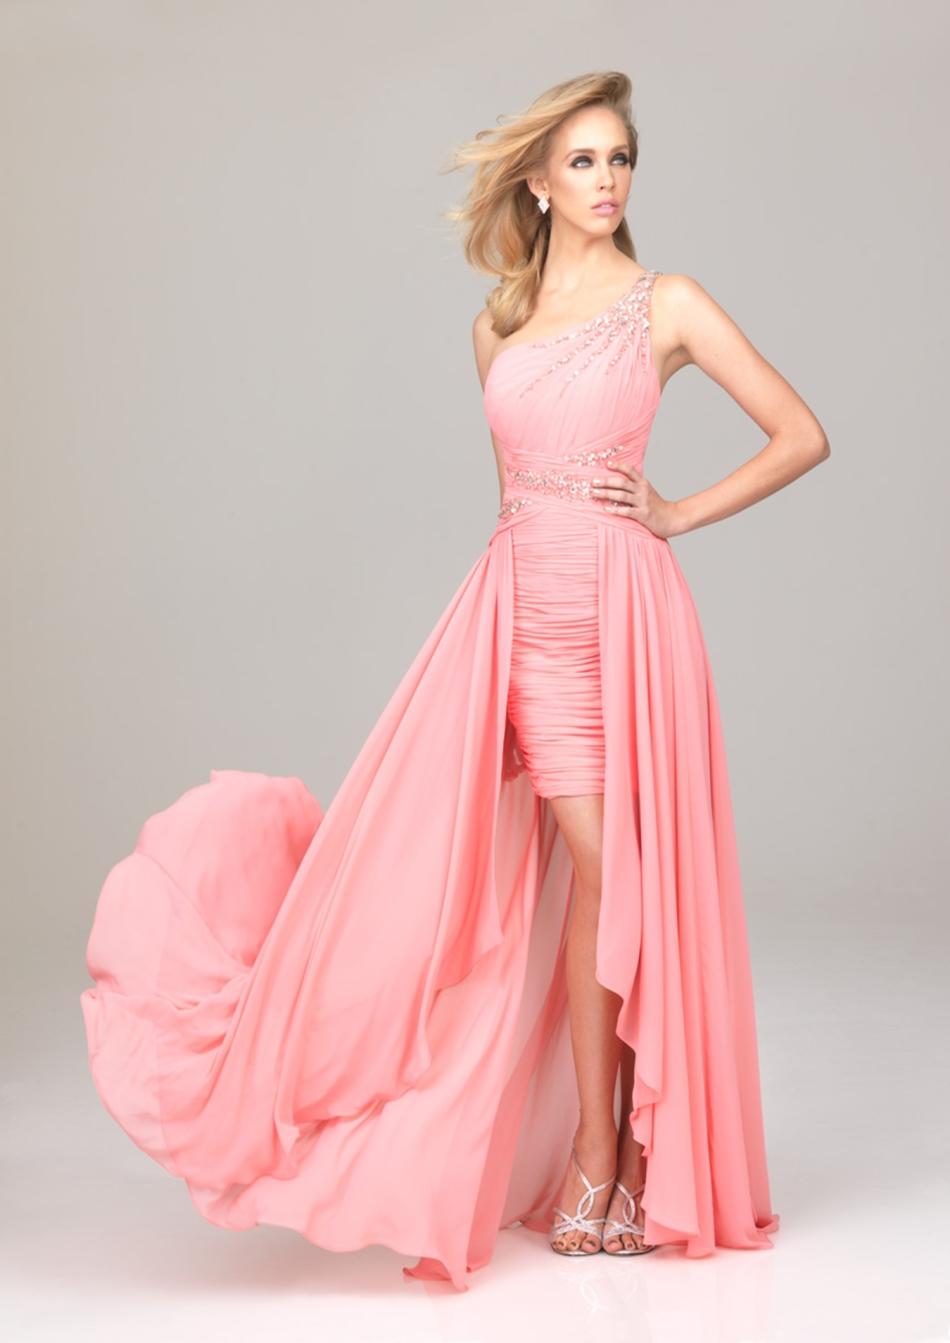 Купить Платье Трансформер На Выпускной